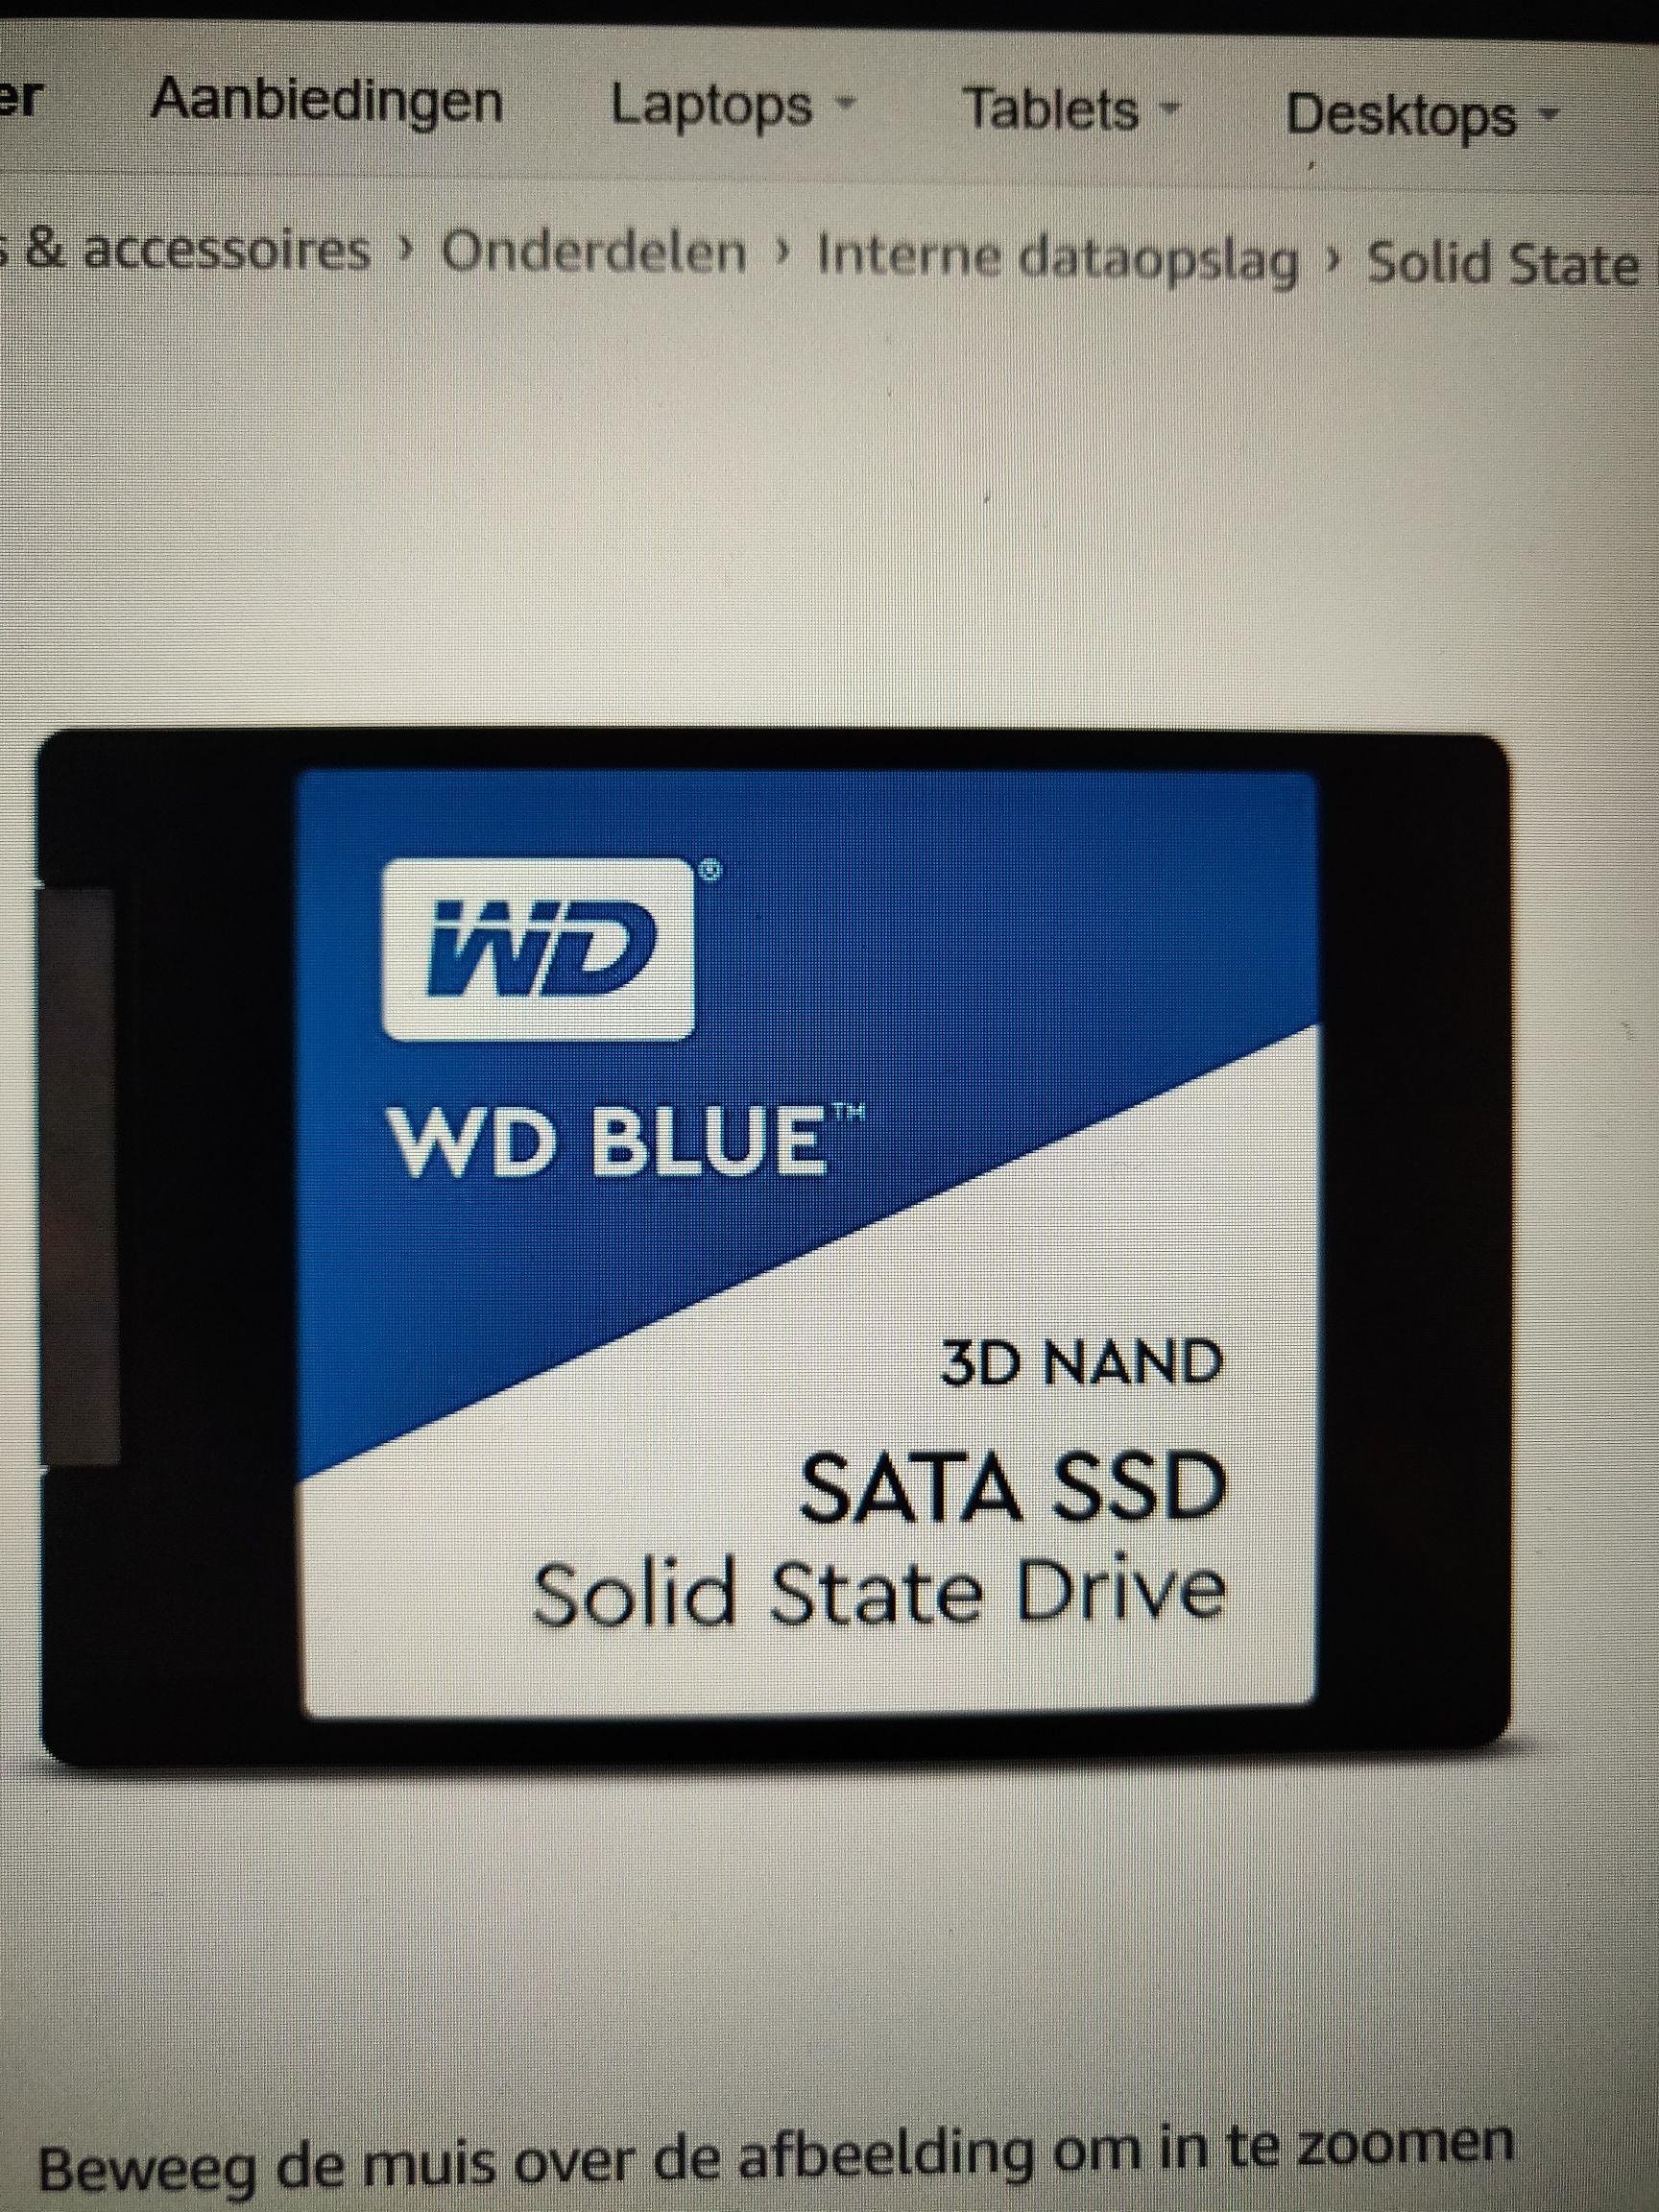 WD Blue 3D Nand 1TB SSD